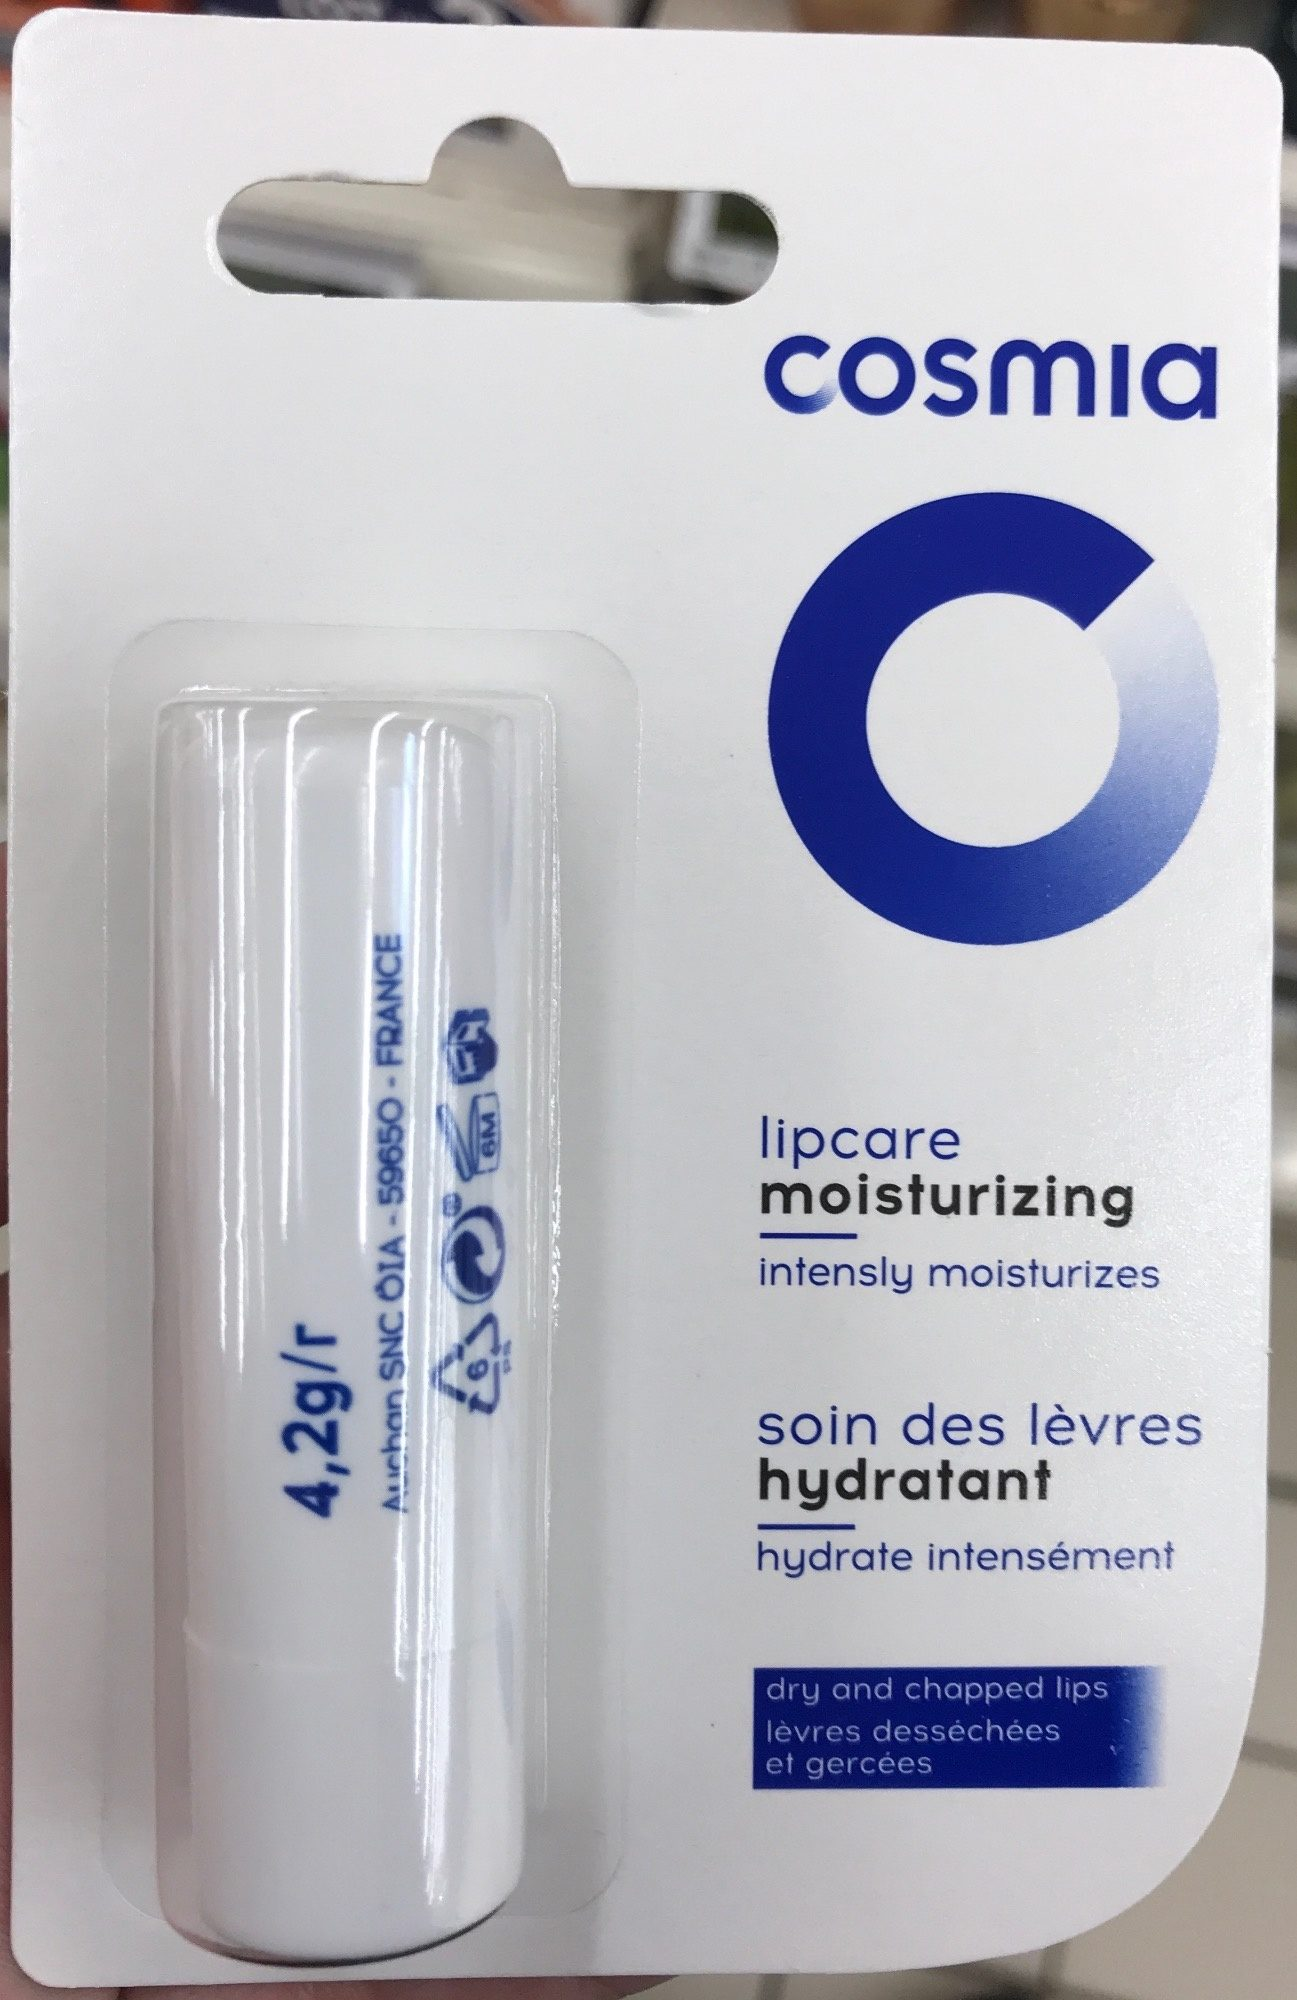 Soin des lèvres hydratant - Product - fr